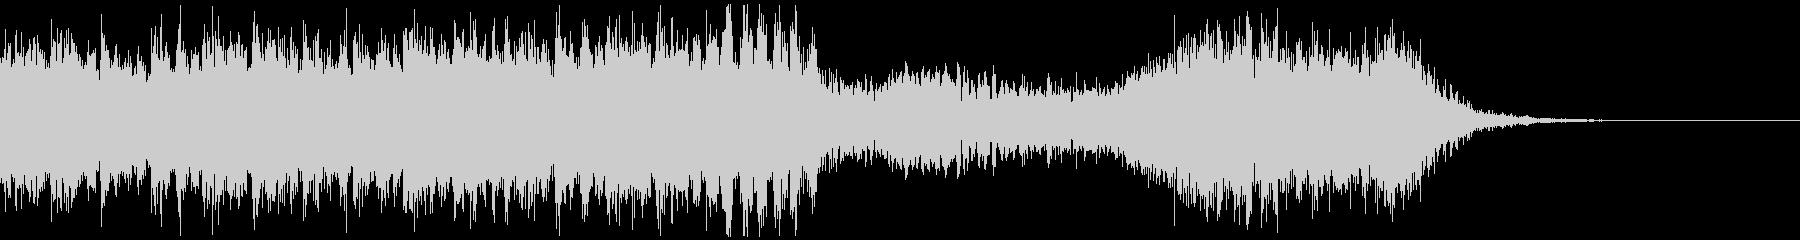 【予告編】ハリウッド・トレーラー・ダークの未再生の波形